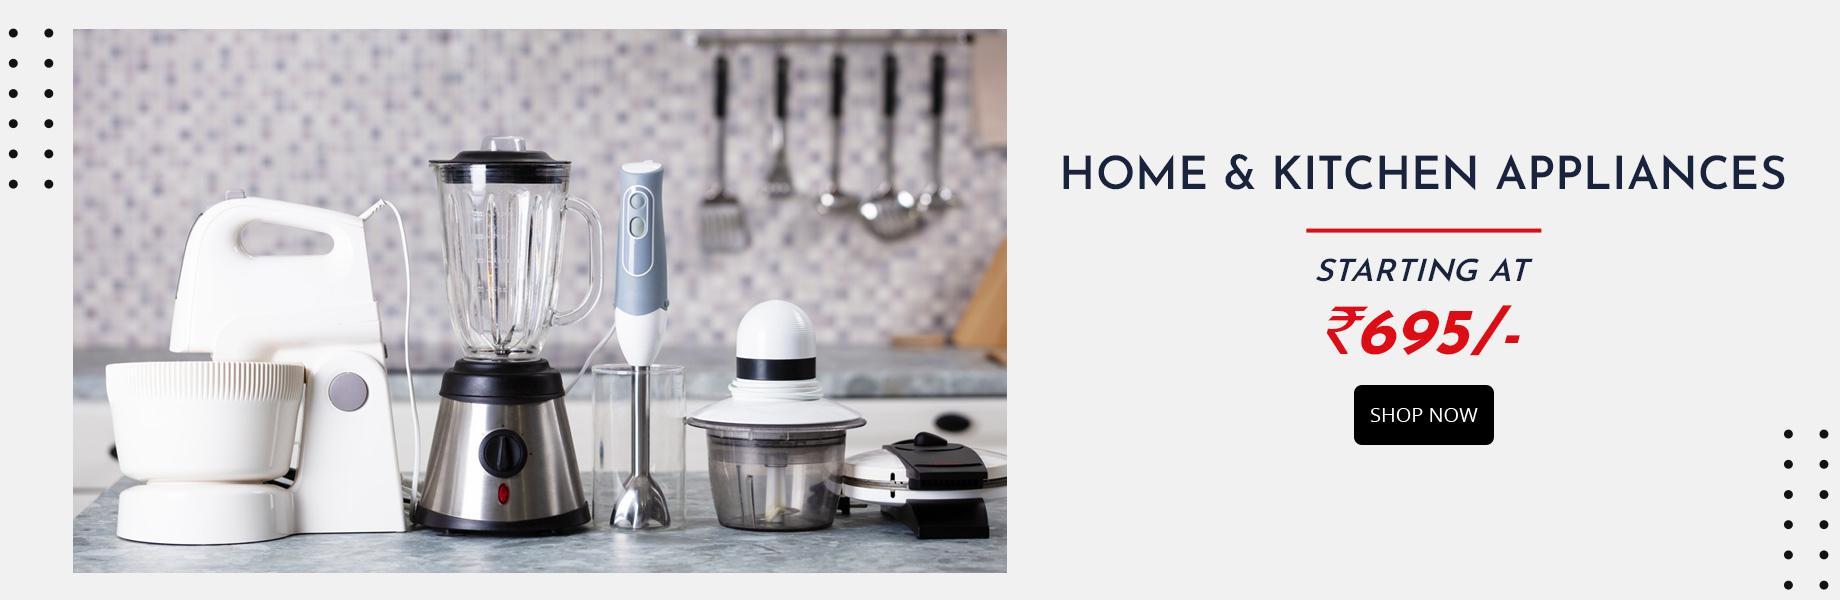 Homestop-Carousals-Home-&-Kitchen-Appliances-Web.jpg